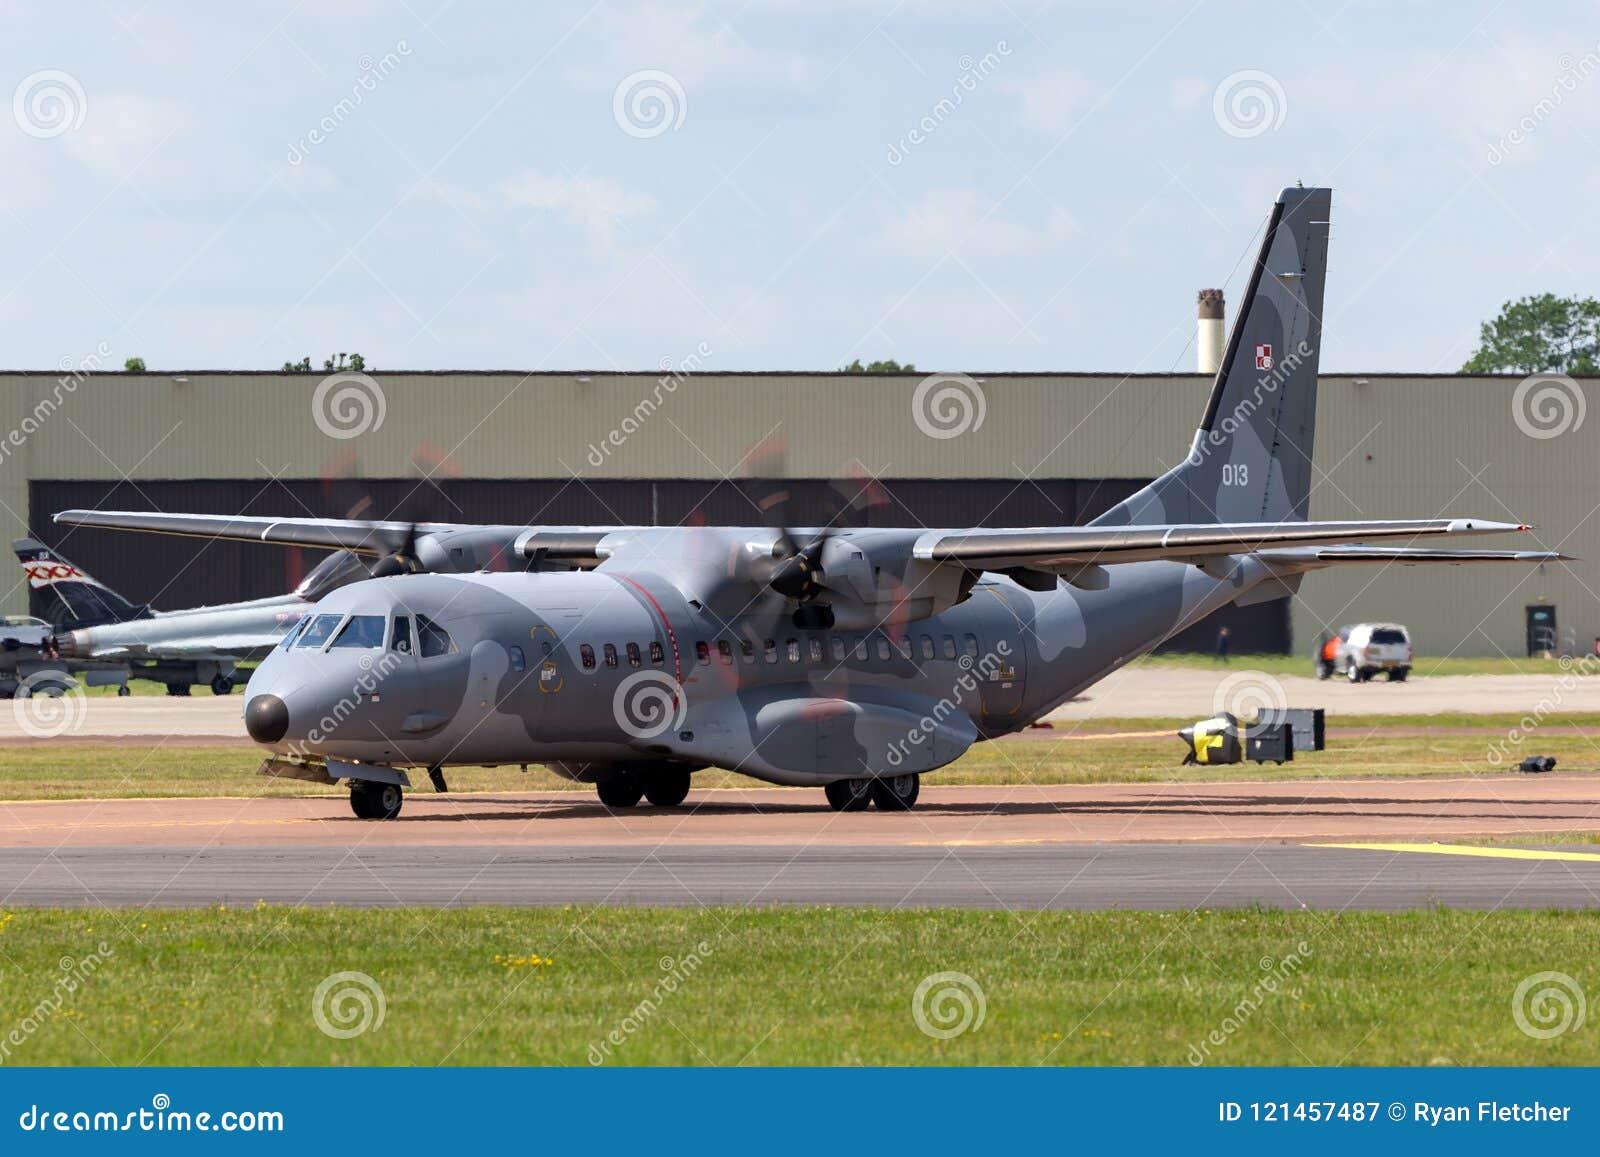 波兰空军队sily powietrzne住处c-295m孪生引擎军用货物航空器